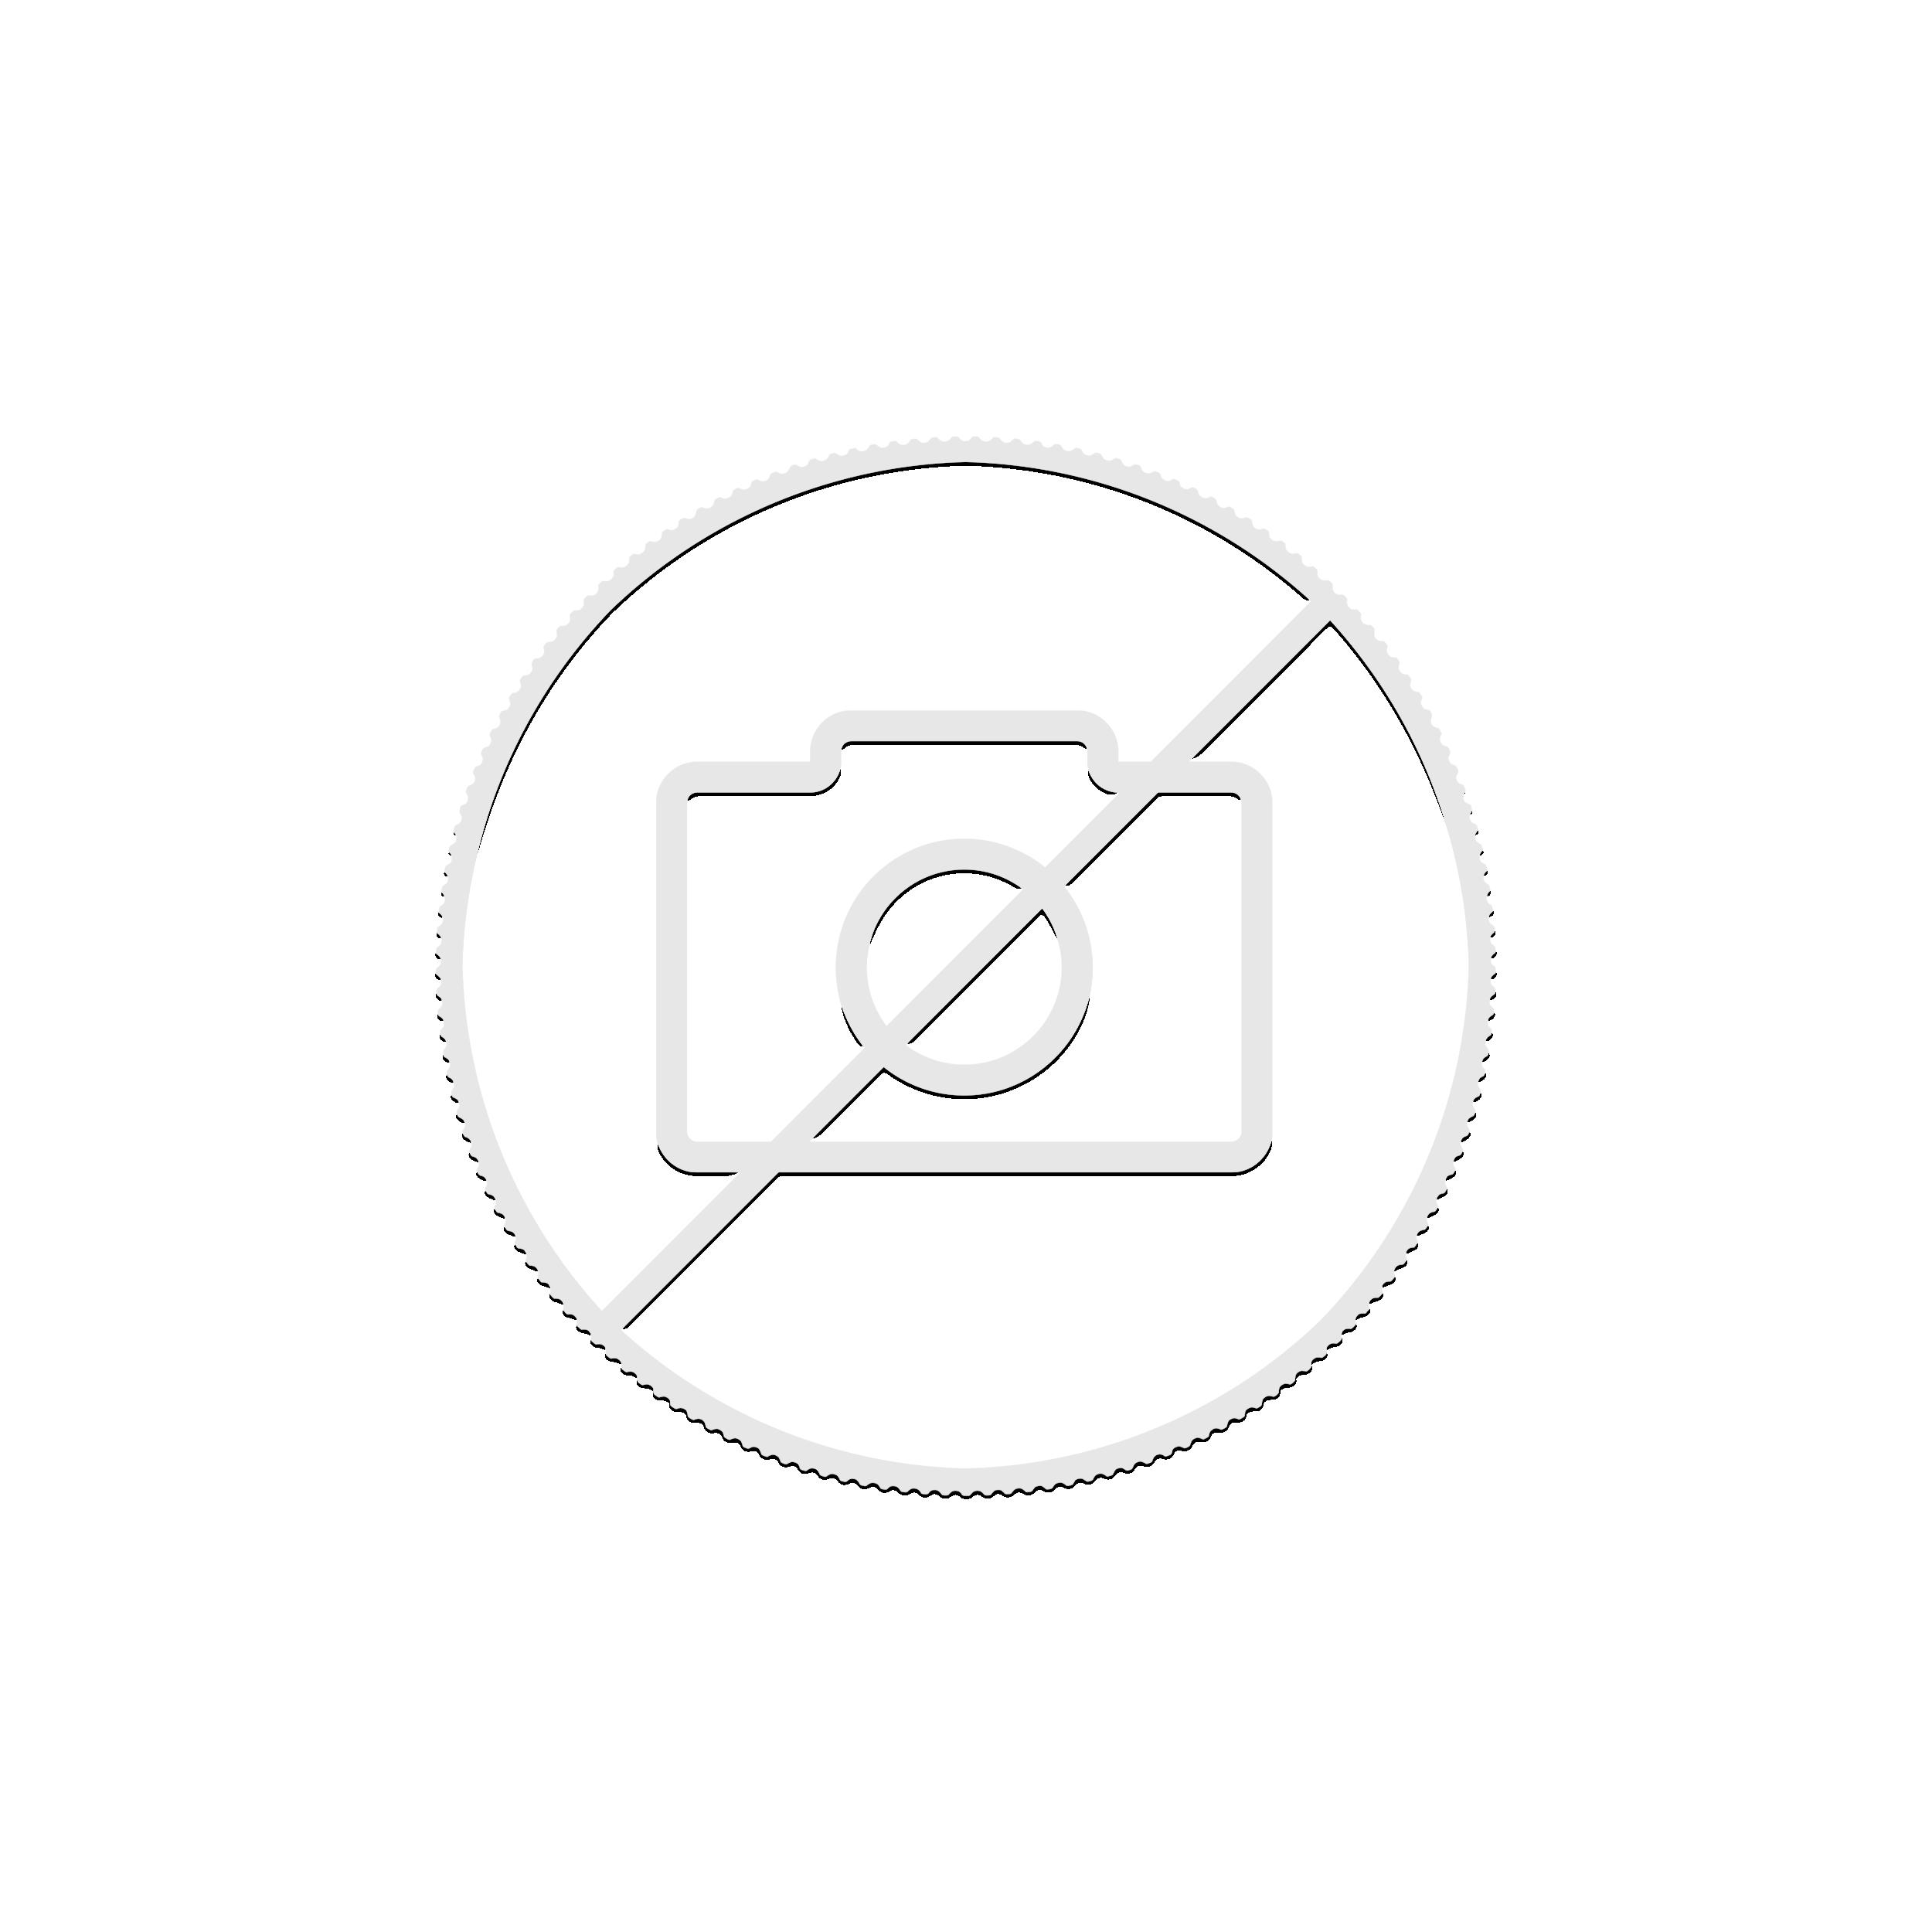 1/2 Troy ounce gold coin Lunar 2020